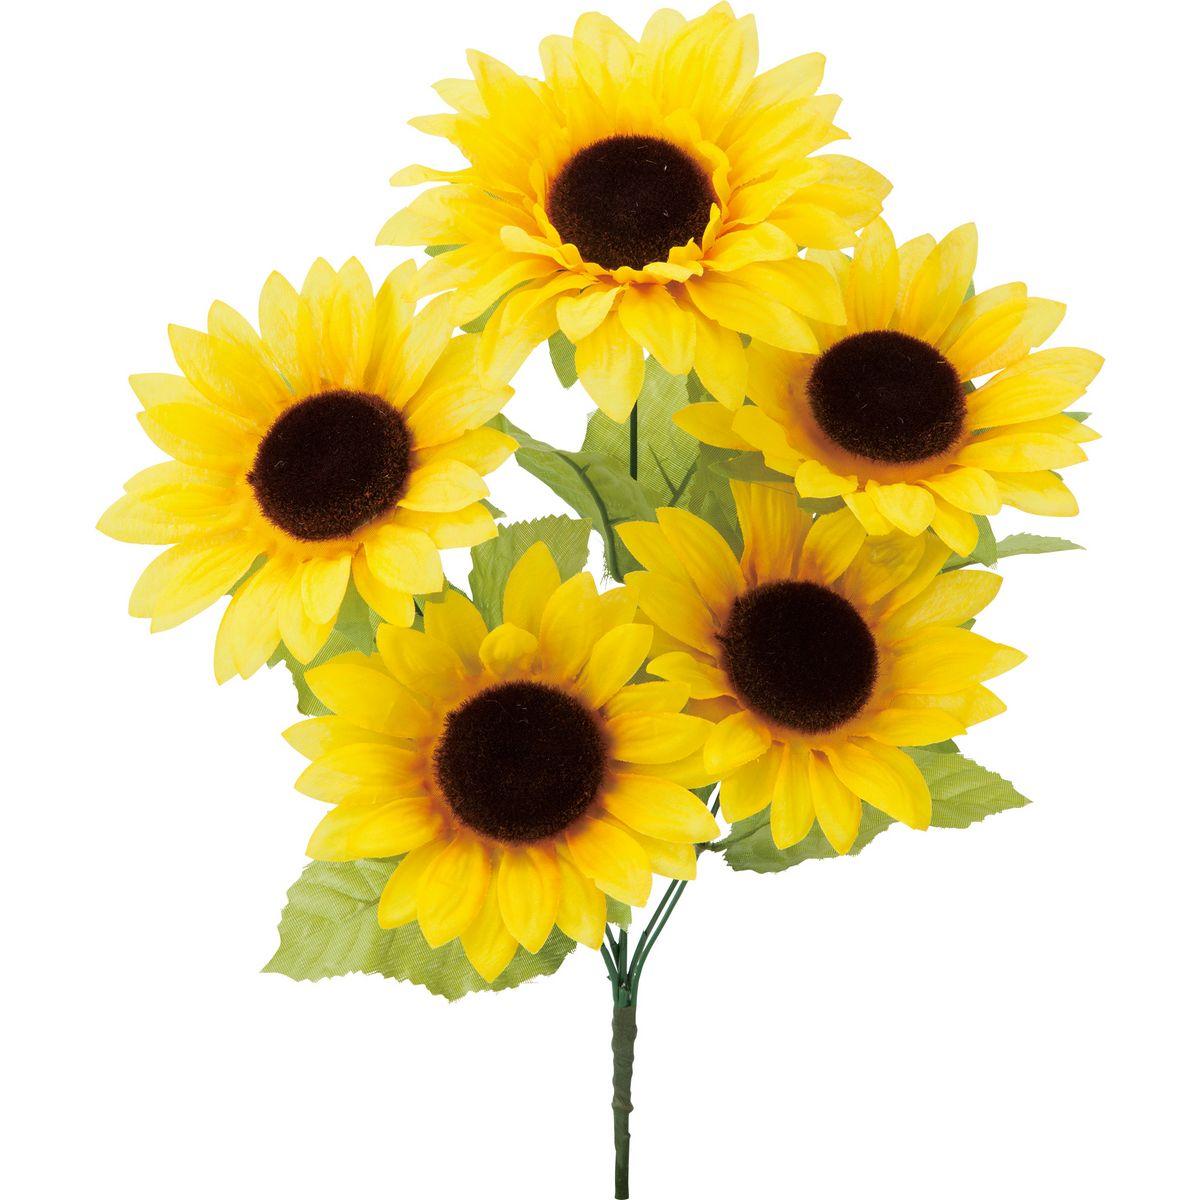 【造花】YDM/ヒマワリブッシュ イエロー/FS-8302-Y【01】【取寄】《 造花(アーティフィシャルフラワー) 造花 花材「は行」 ひまわり 》